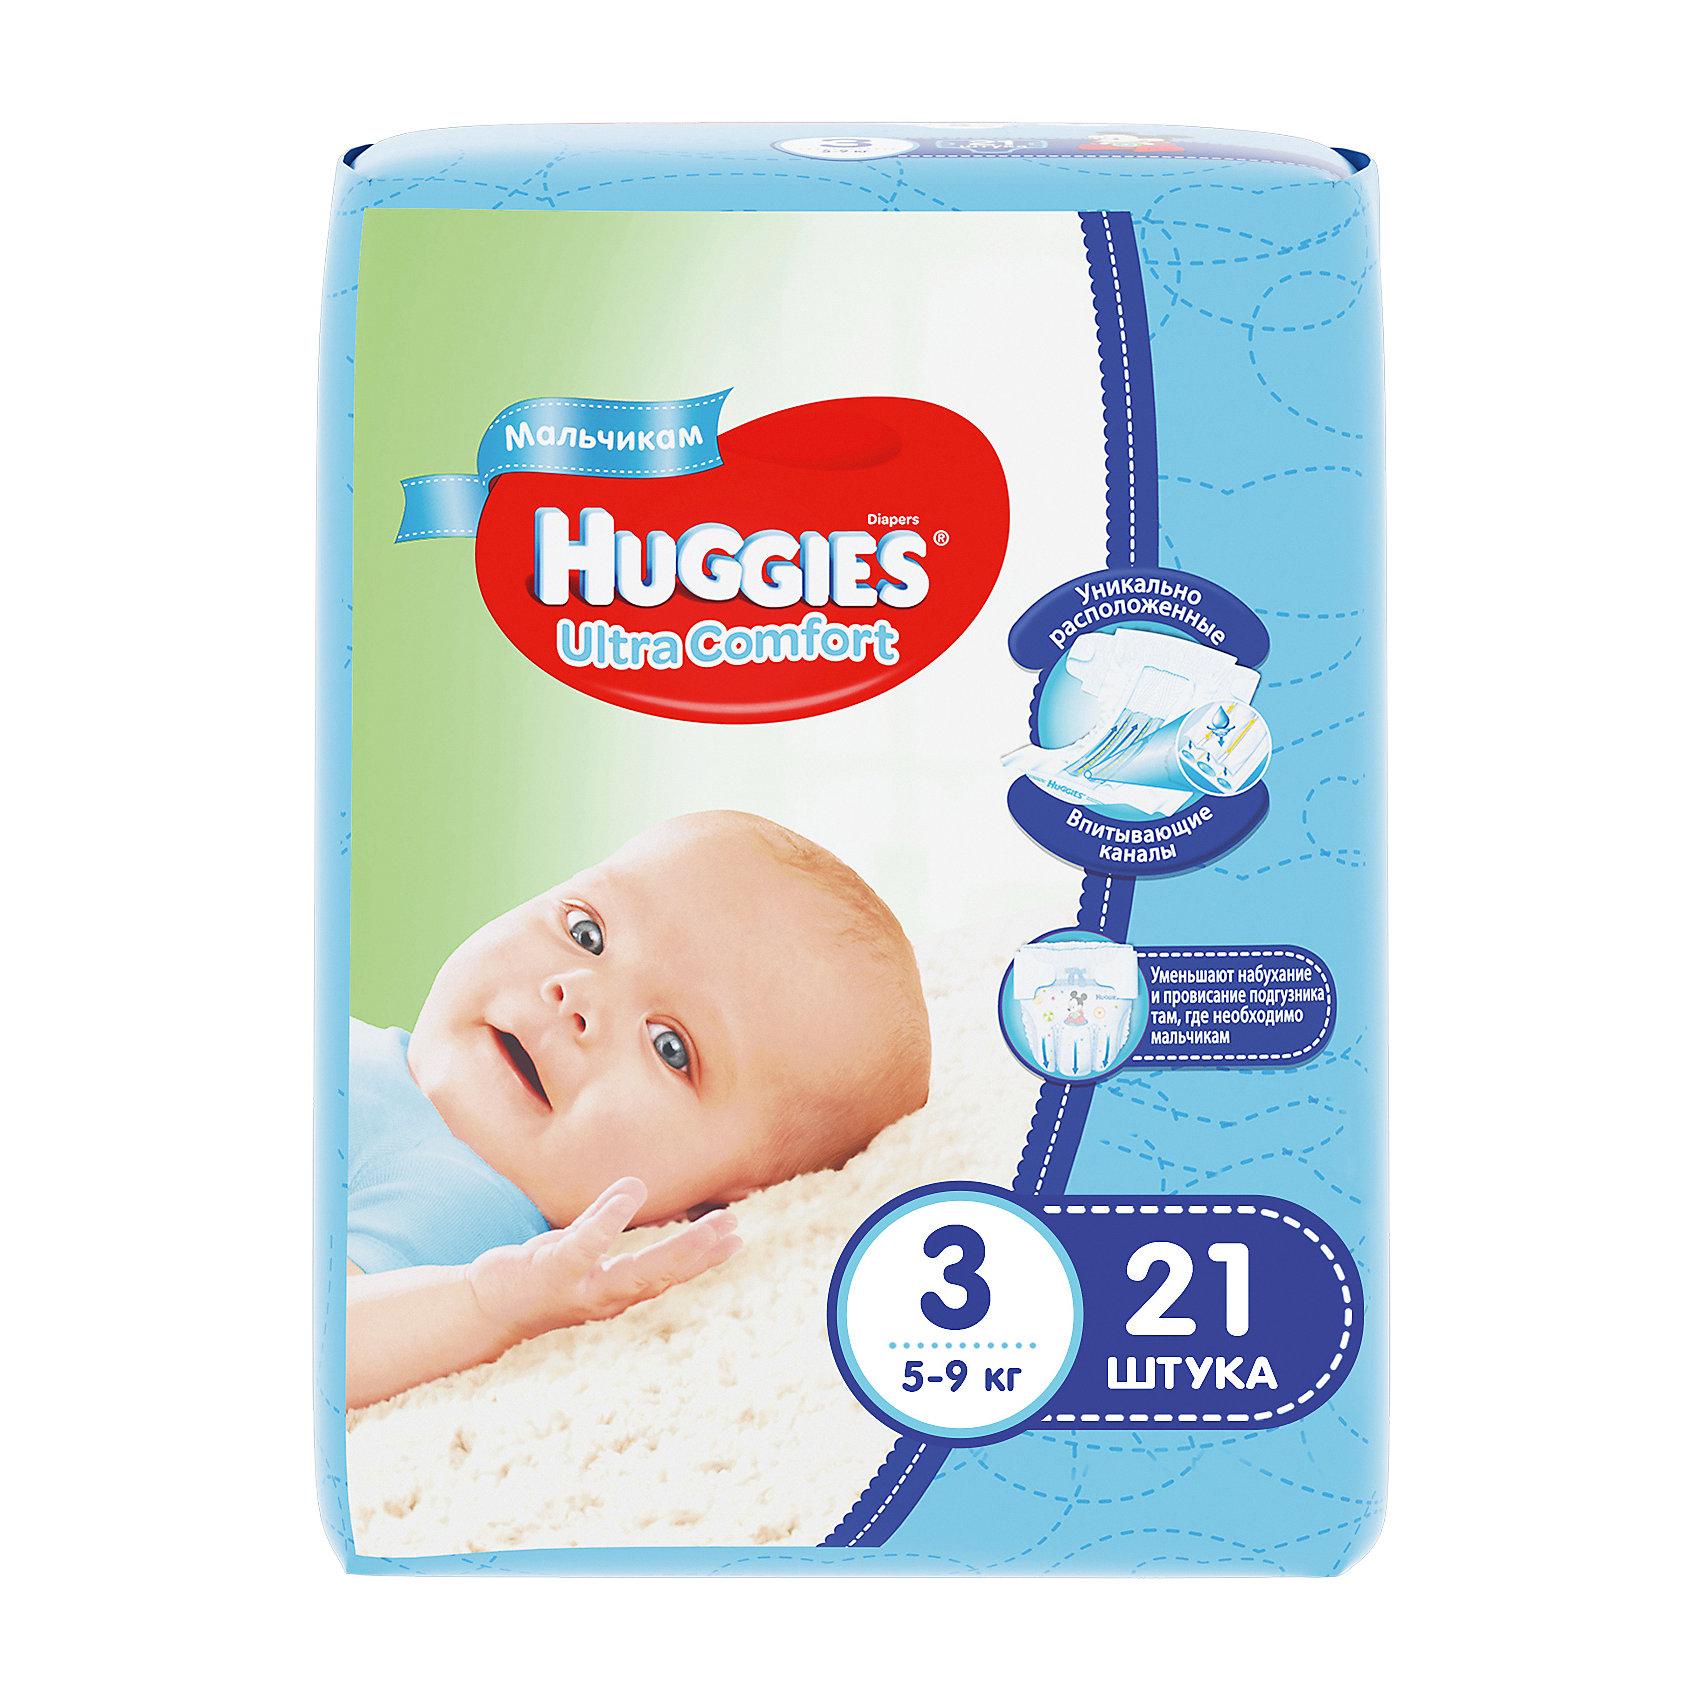 Подгузники Ultra Comfort для мальчиков 3, 5-9 кг, 21шт., HuggiesПодгузники  Ultra Comfort Huggies созданы специально для мальчишек! <br>Для более быстрого впитывания распределяющий слой в этих подгузниках расположен там, где это нужнее всего. Так же, подгузники изготовлены из специальных мягких материалов с микропорами, которые позволяют коже «дышать». А тянущиеся застежки с закругленными краями надежно фиксируют подгузник, широкий эластичный пояс позволяет малышам  свободно двигаться.<br><br>А яркий дизайн будет постоянно радовать маленького модника!<br><br>Дополнительна информация:<br><br>- Возраст: с рождения.<br>- Вес ребенка: от 5 до 9 кг.<br>- Кол-во в упаковке: 21 шт.<br>- Вес в упаковке: 609 г.<br><br>Купить подгузники Ultra Comfort для мальчиков 3 от Huggies, можно в нашем магазине.<br><br>Ширина мм: 205<br>Глубина мм: 149<br>Высота мм: 110<br>Вес г: 609<br>Возраст от месяцев: 0<br>Возраст до месяцев: 9<br>Пол: Мужской<br>Возраст: Детский<br>SKU: 4861820